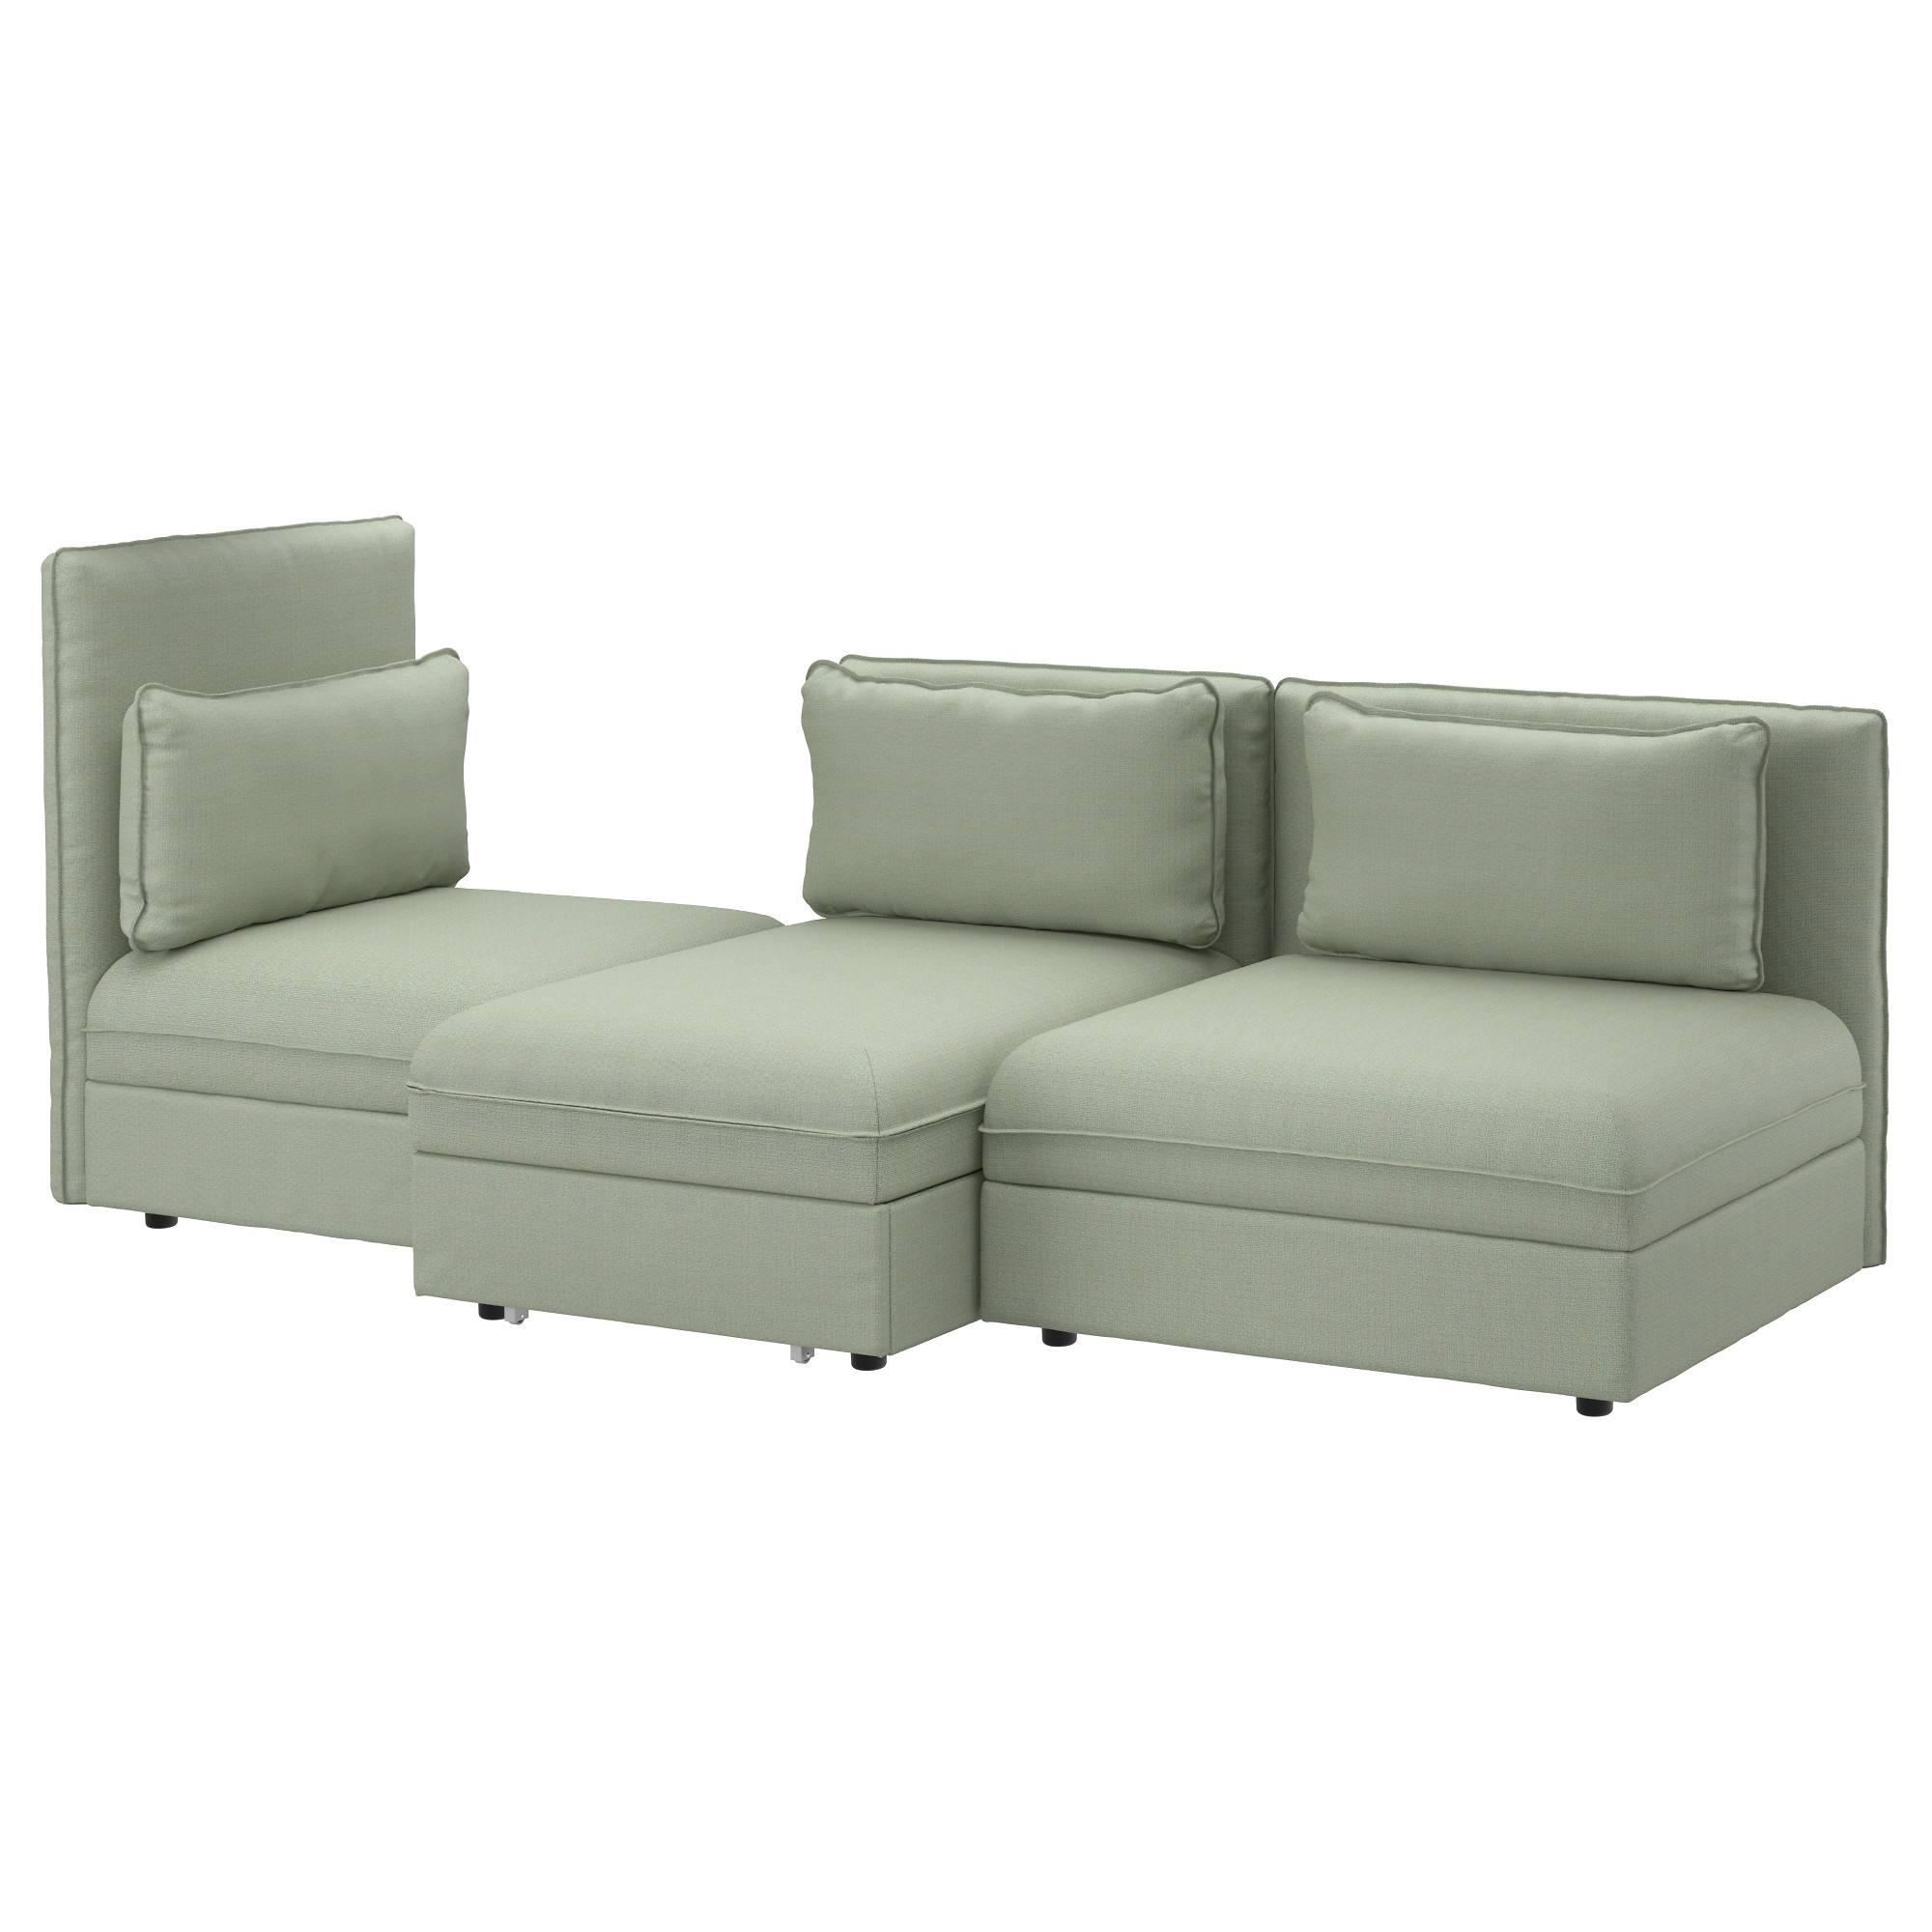 Sofa Beds & Futons - Ikea regarding Ikea Sectional Sofa Bed (Image 22 of 25)